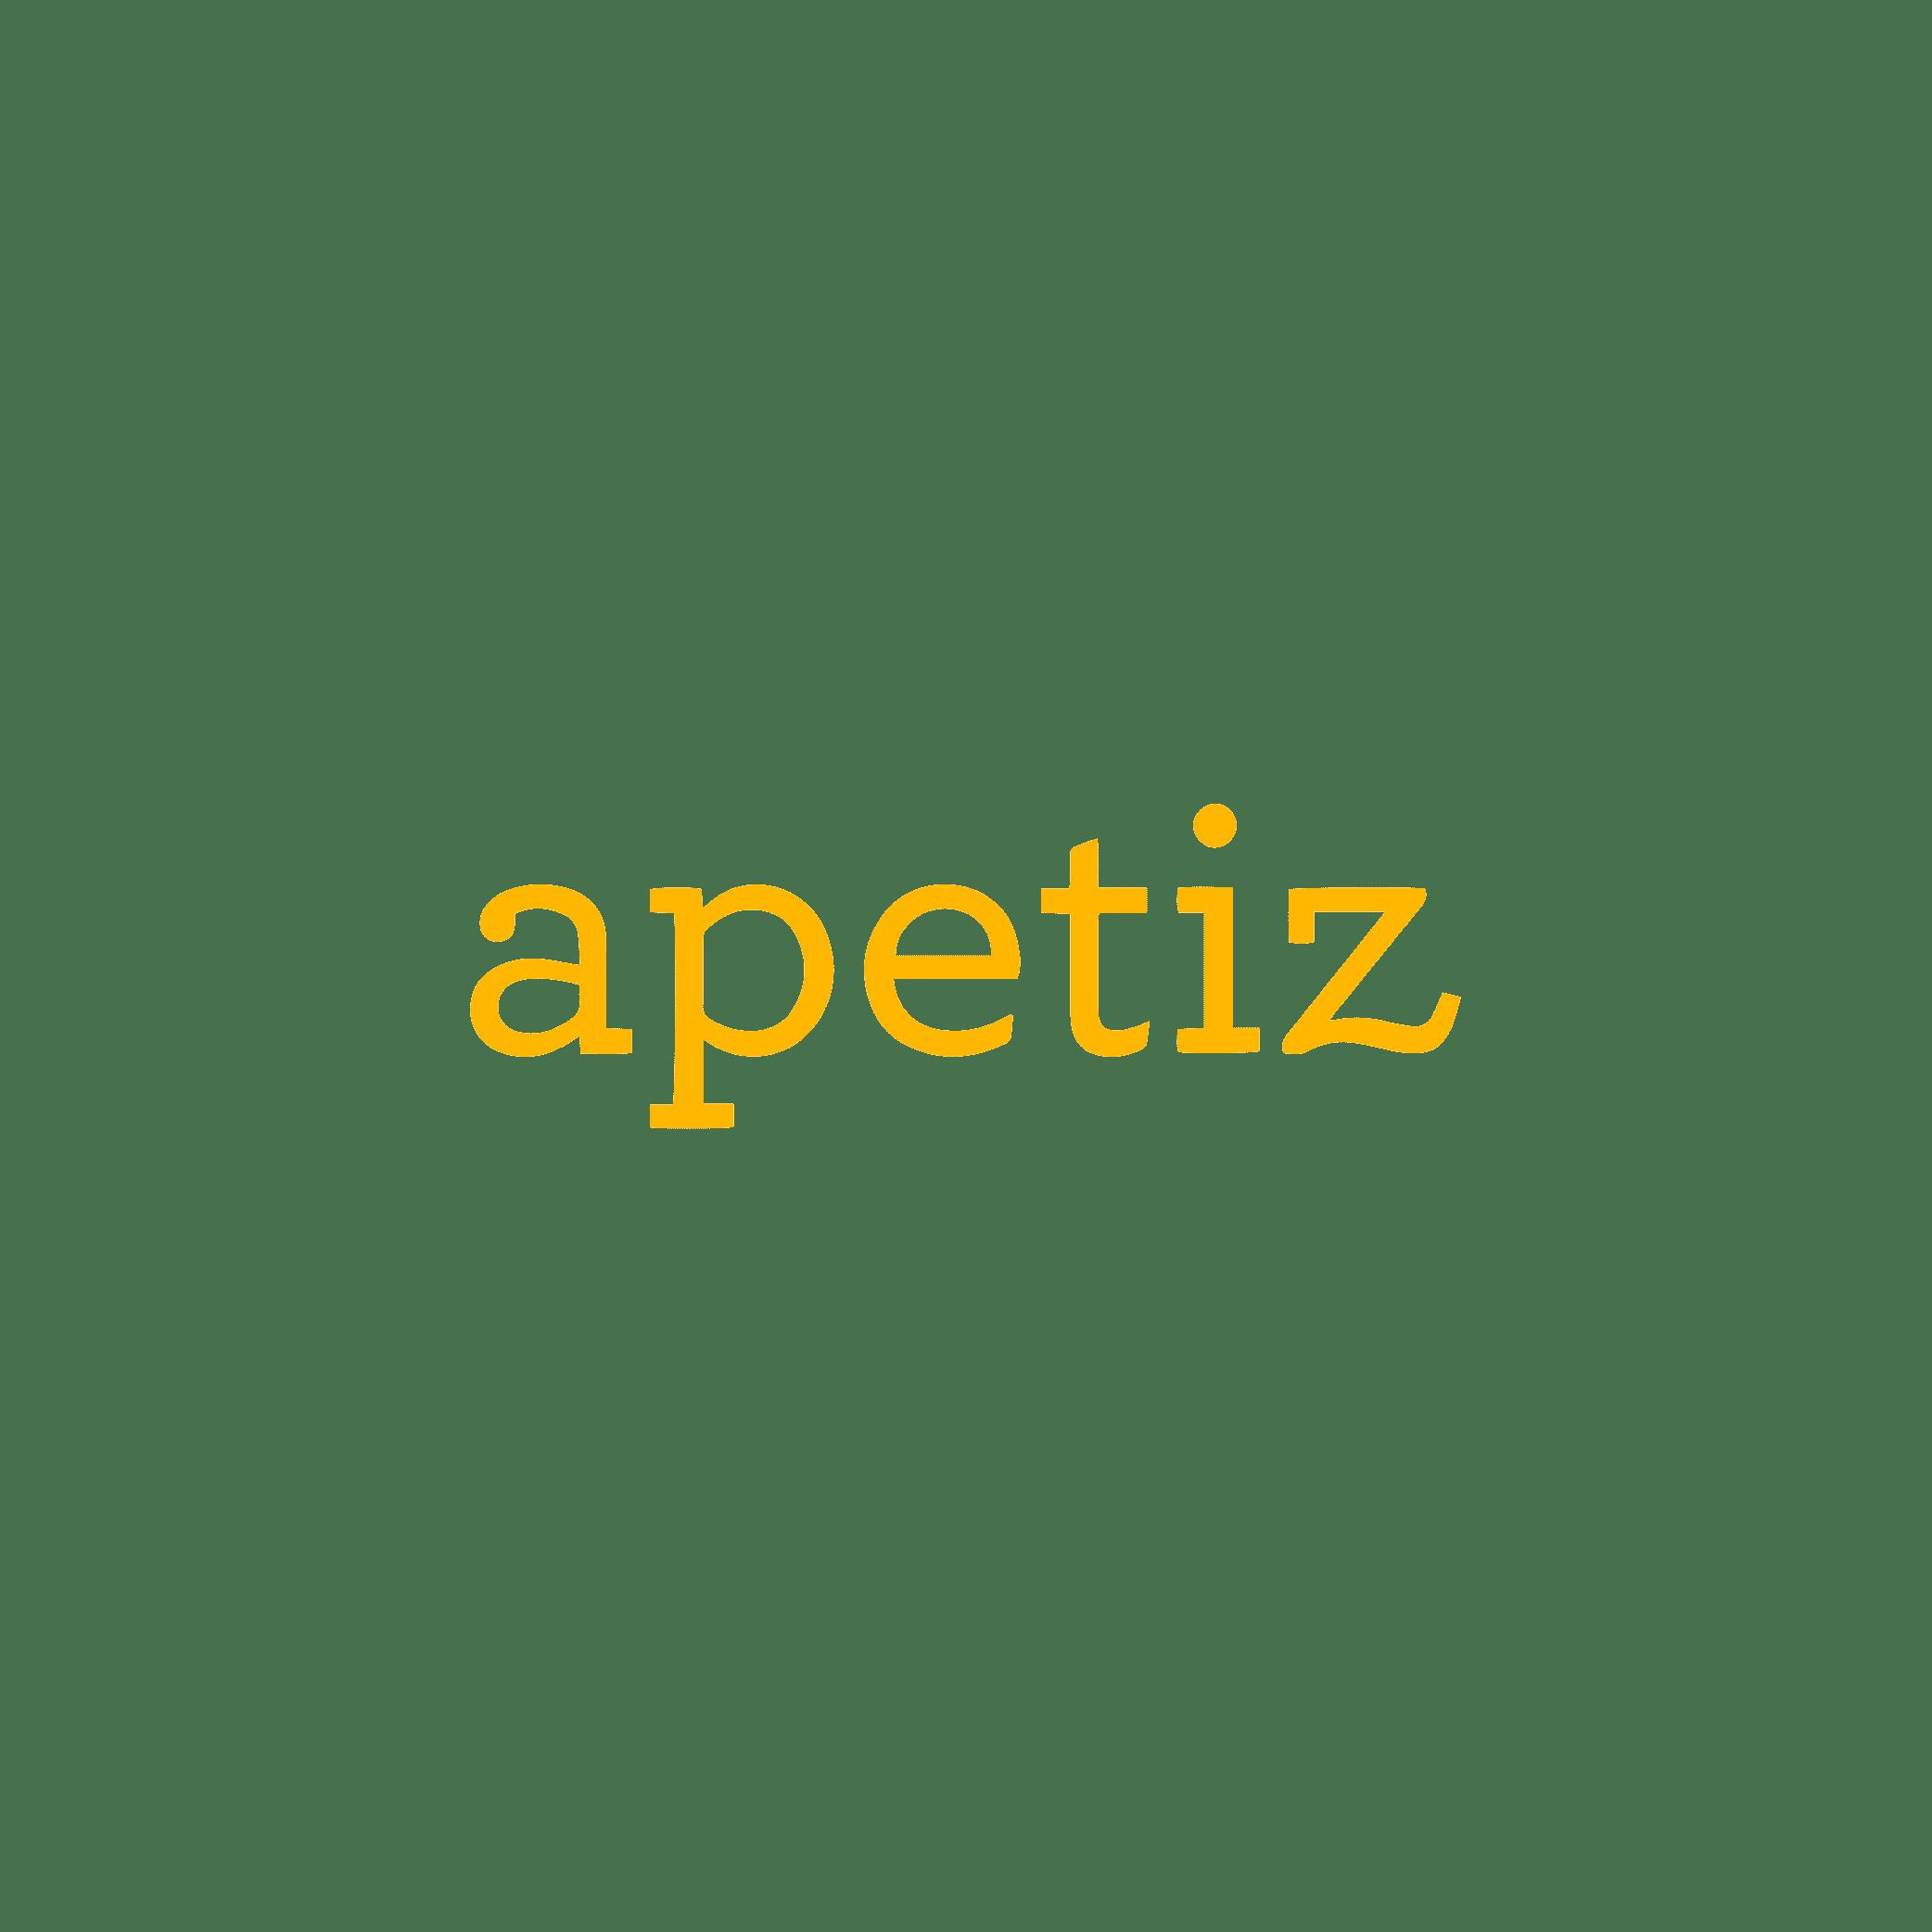 apetiz logo